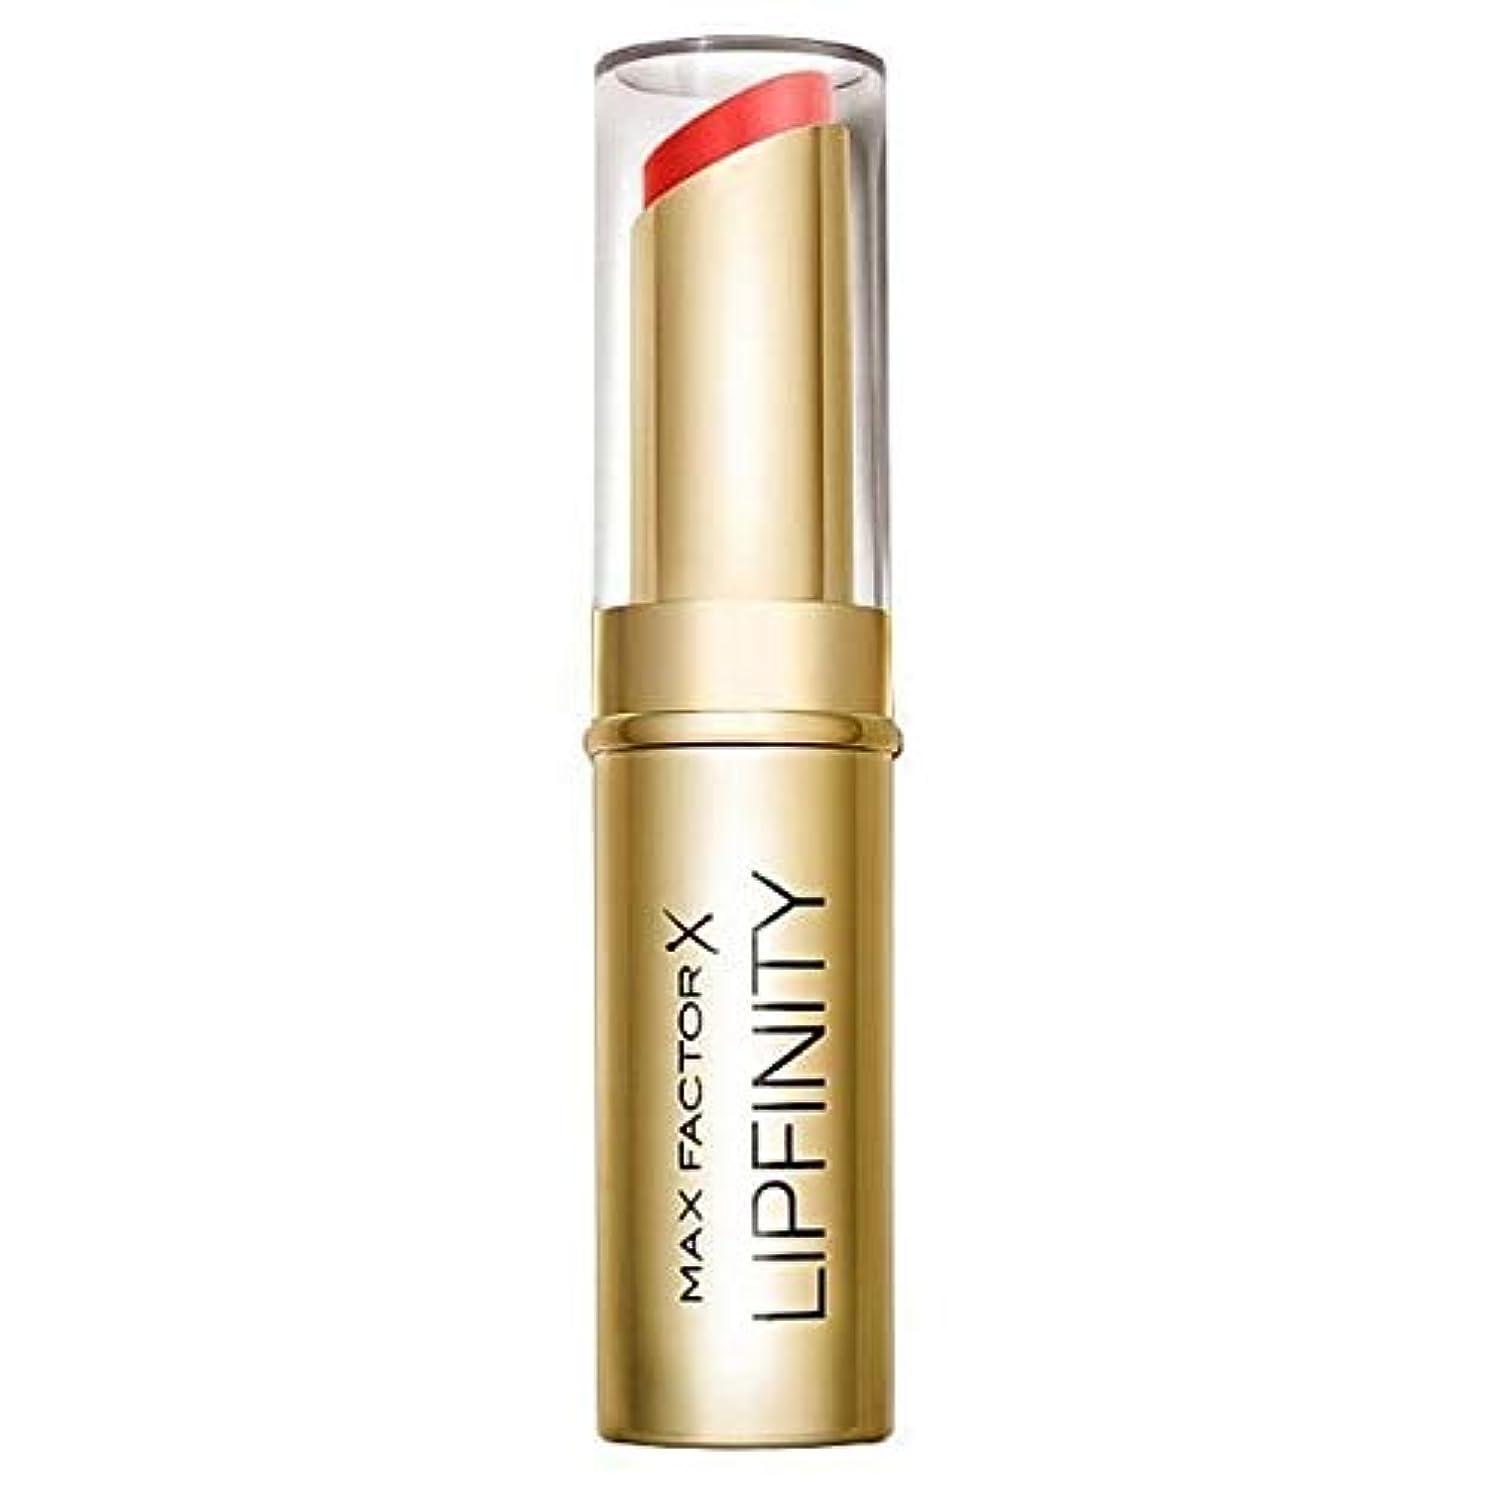 痴漢サイレン完璧な[Max Factor ] 長い口紅だけの豪華持続マックスファクターLipfinity - Max Factor Lipfinity Long Lasting Lipstick Just Deluxe [並行輸入品]